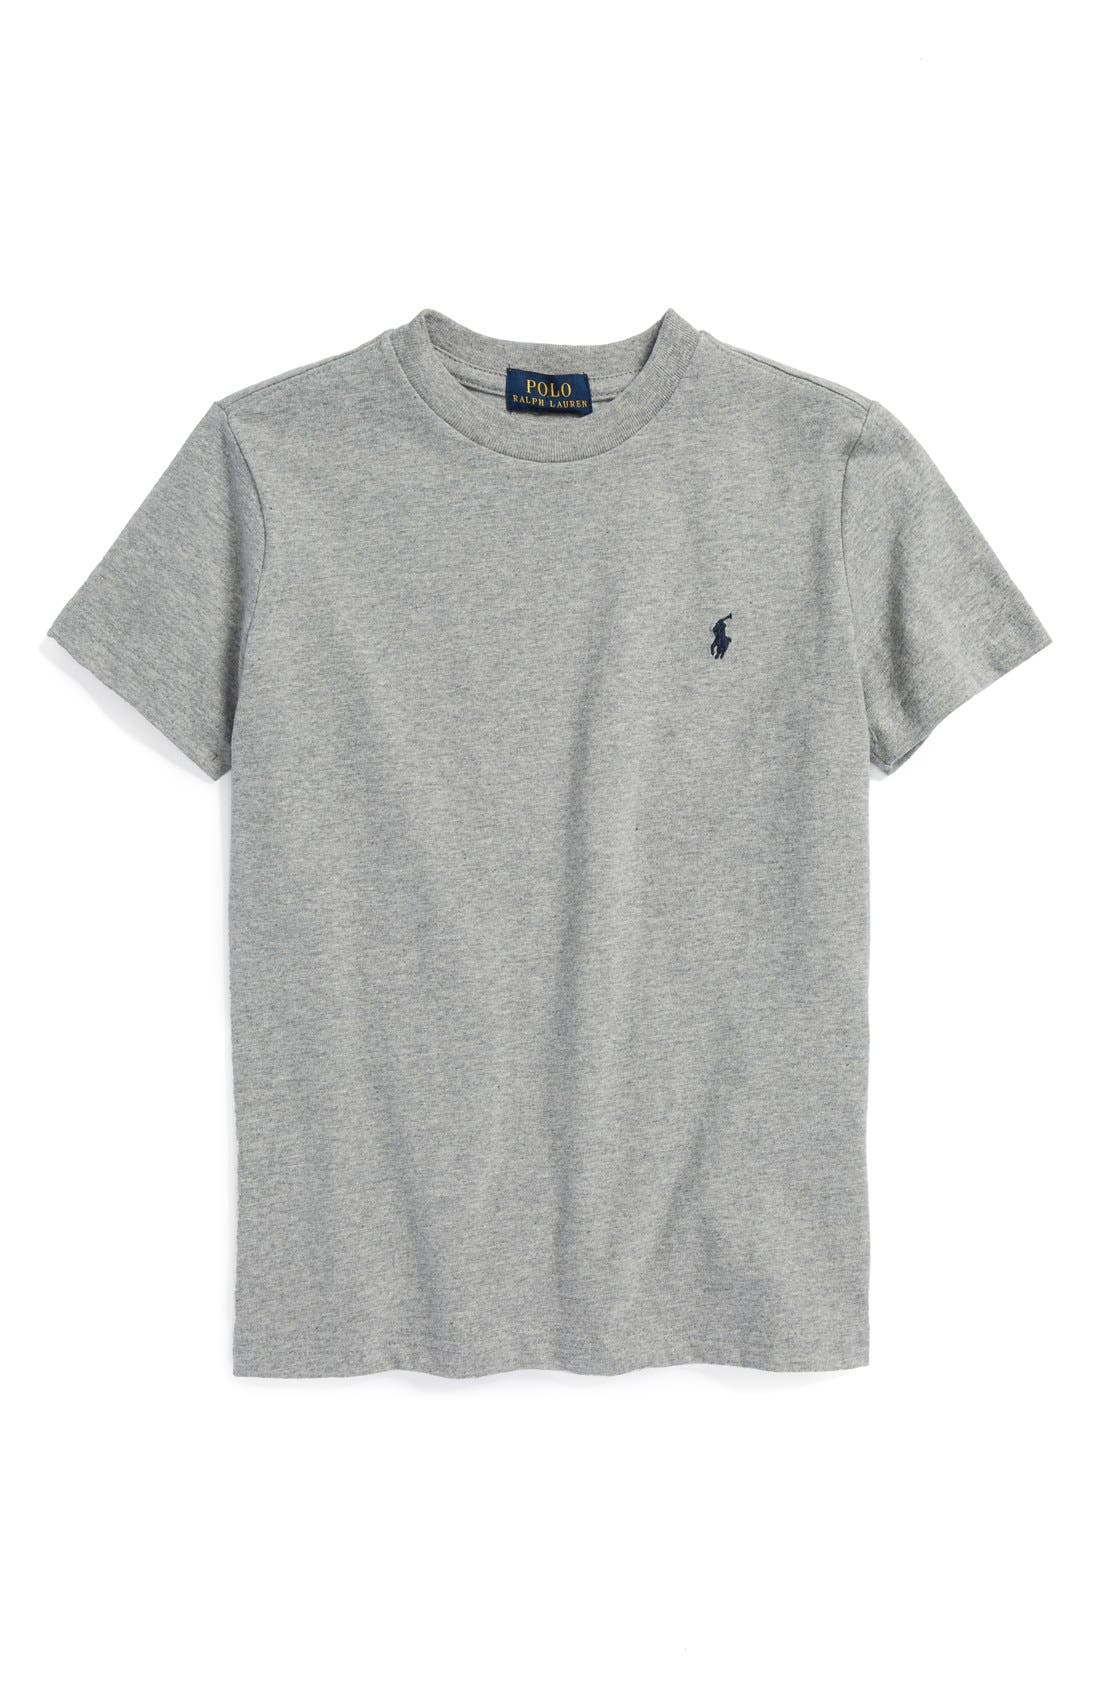 Main Image - Ralph Lauren Cotton Crewneck T-Shirt (Big Boys)